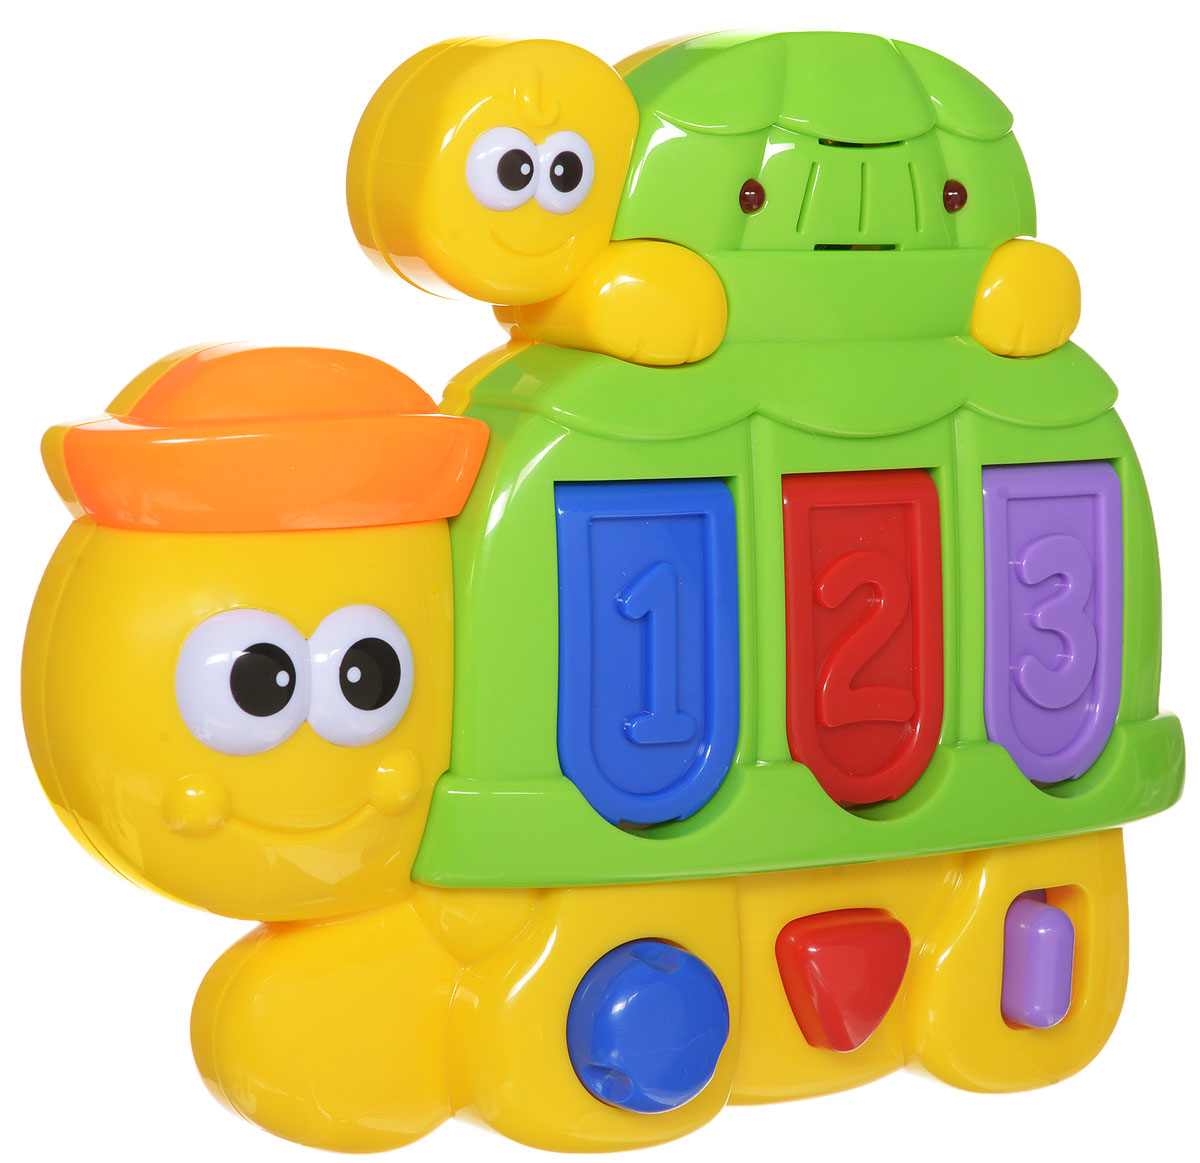 Navystar Развивающая игрушка Черепашка музыкальная игрушка в виде черепашки с кубиками черепашка умняшка с кубиками